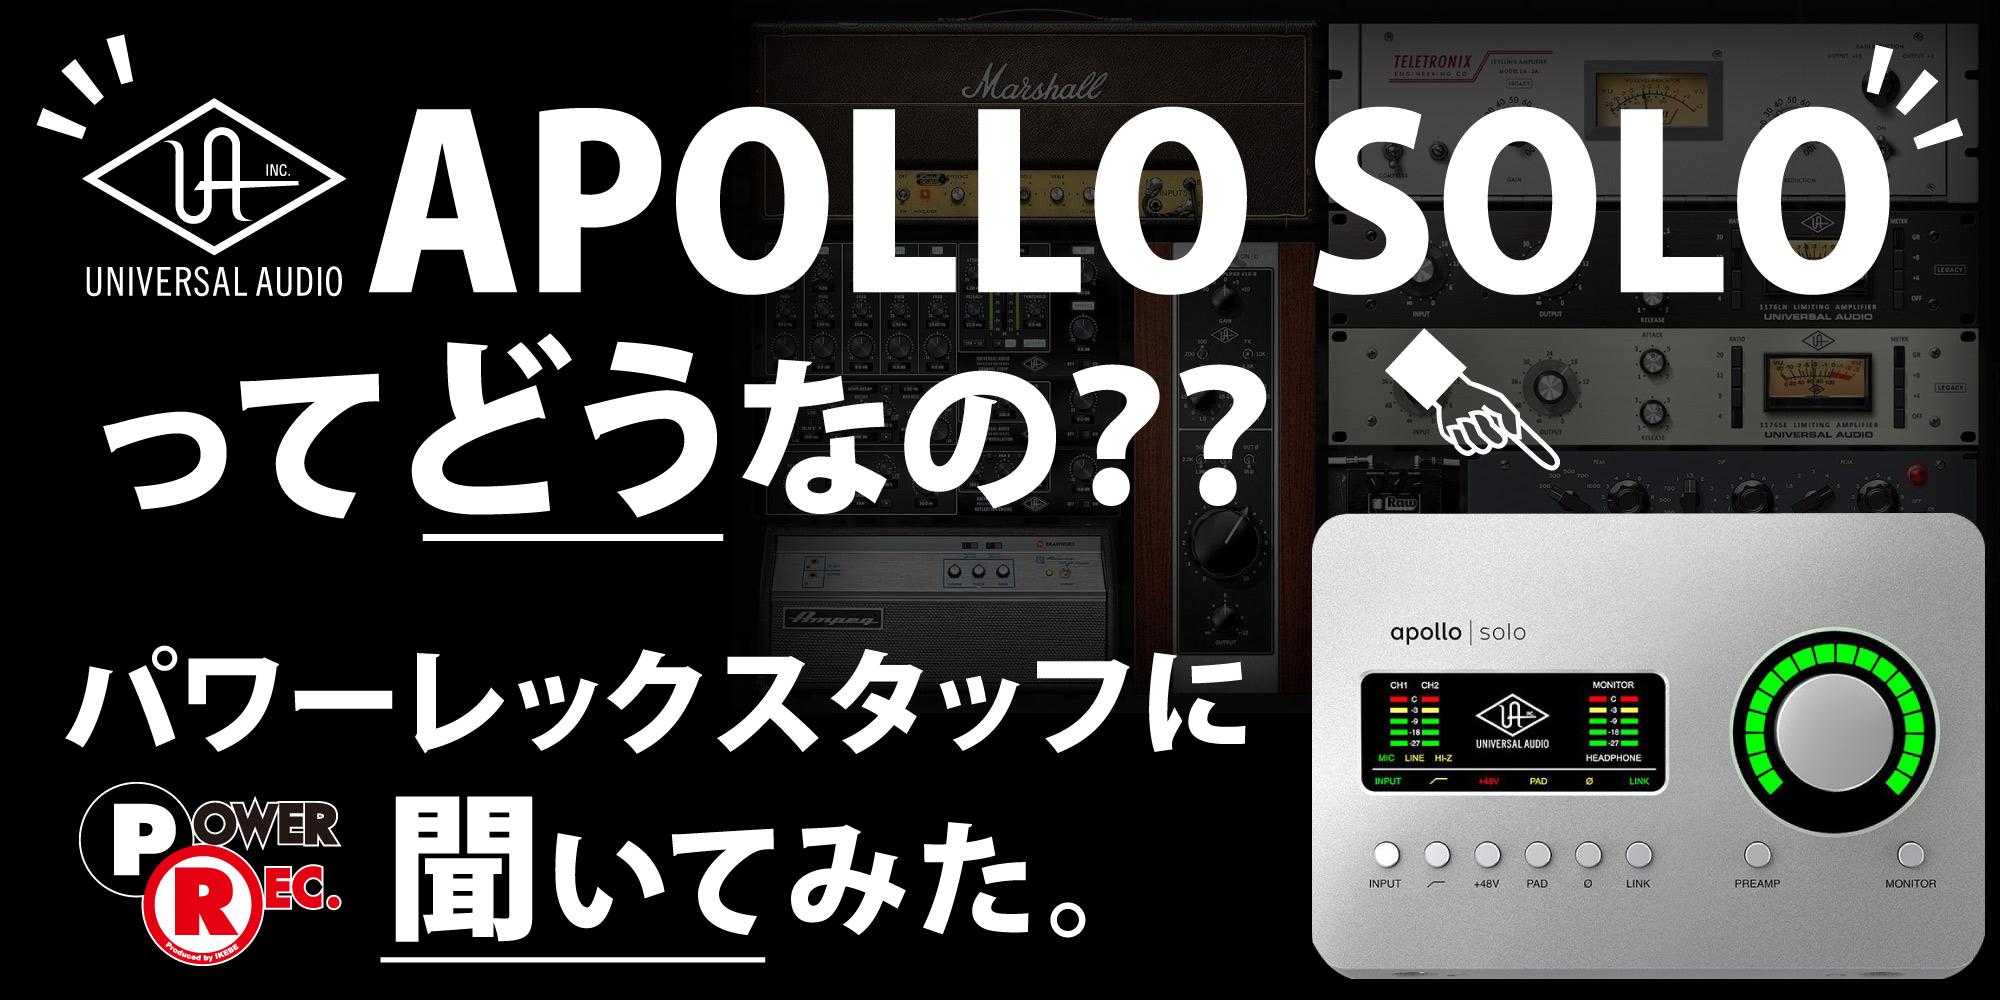 APOLLO SOLOってどうなの??パワーレックスタッフに聞いてみた。